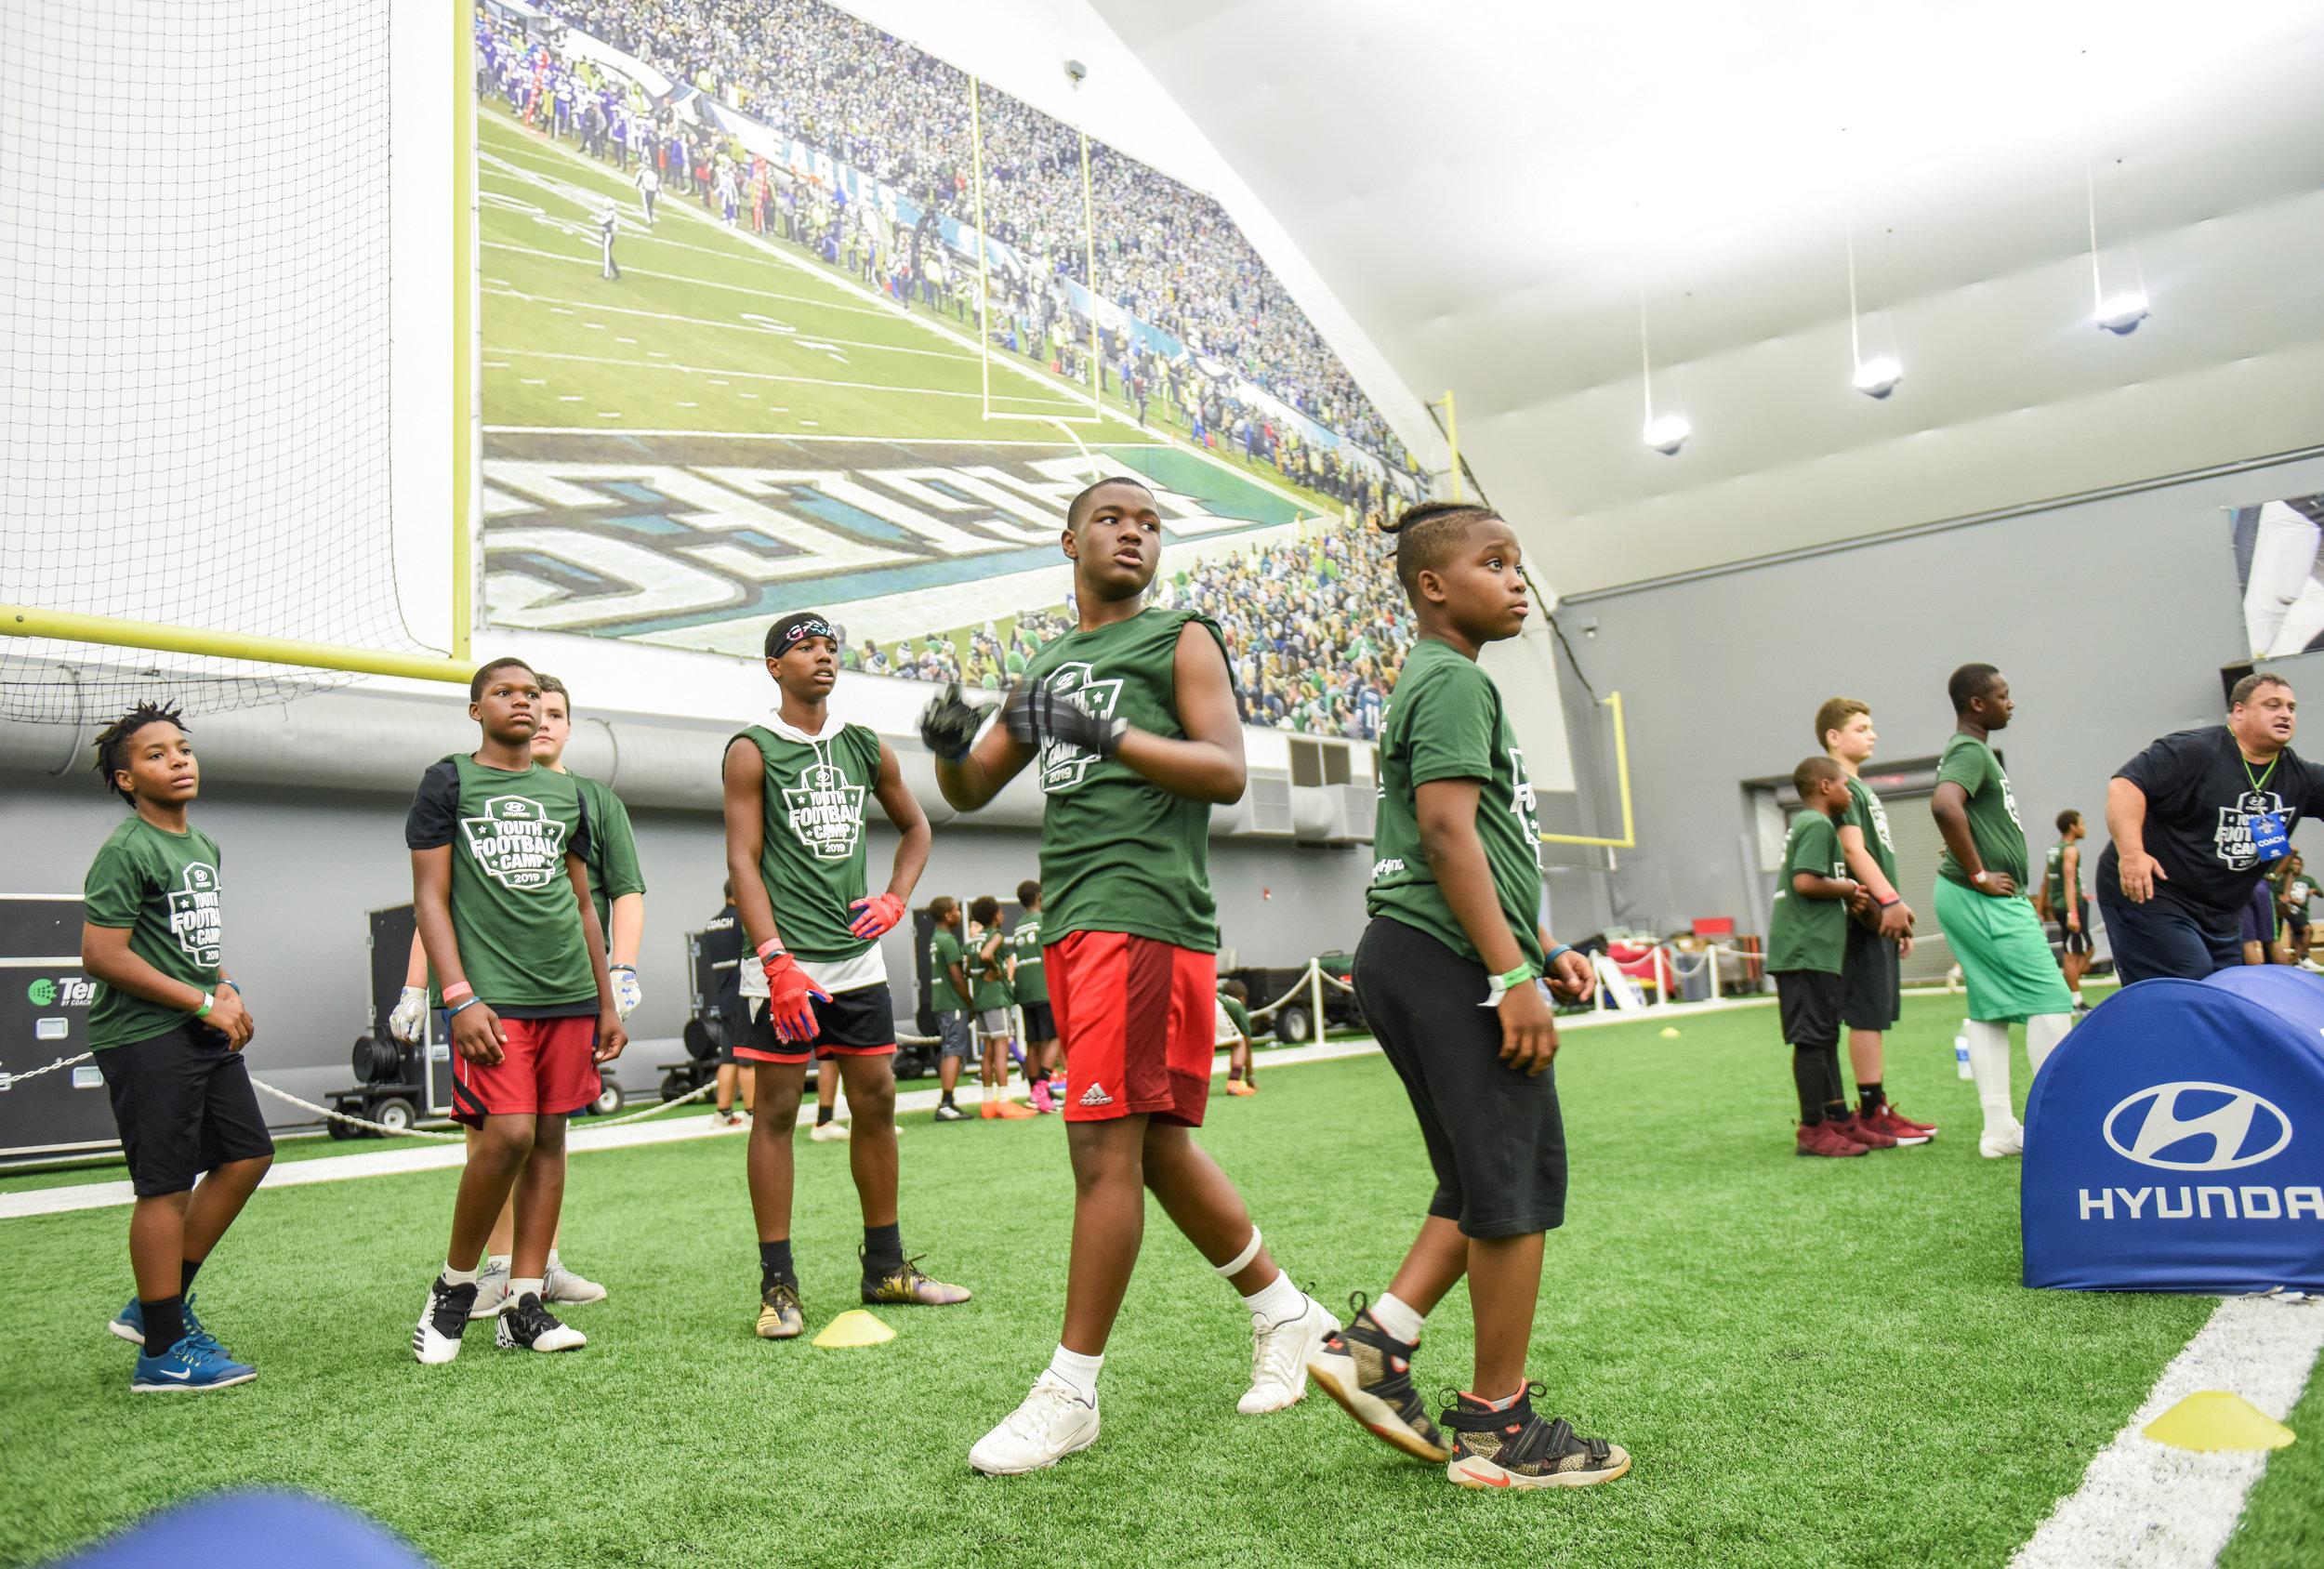 OHelloMedia-Hyundai-YouthFootballCamps-Philadelphia-TopSelect-125.jpg